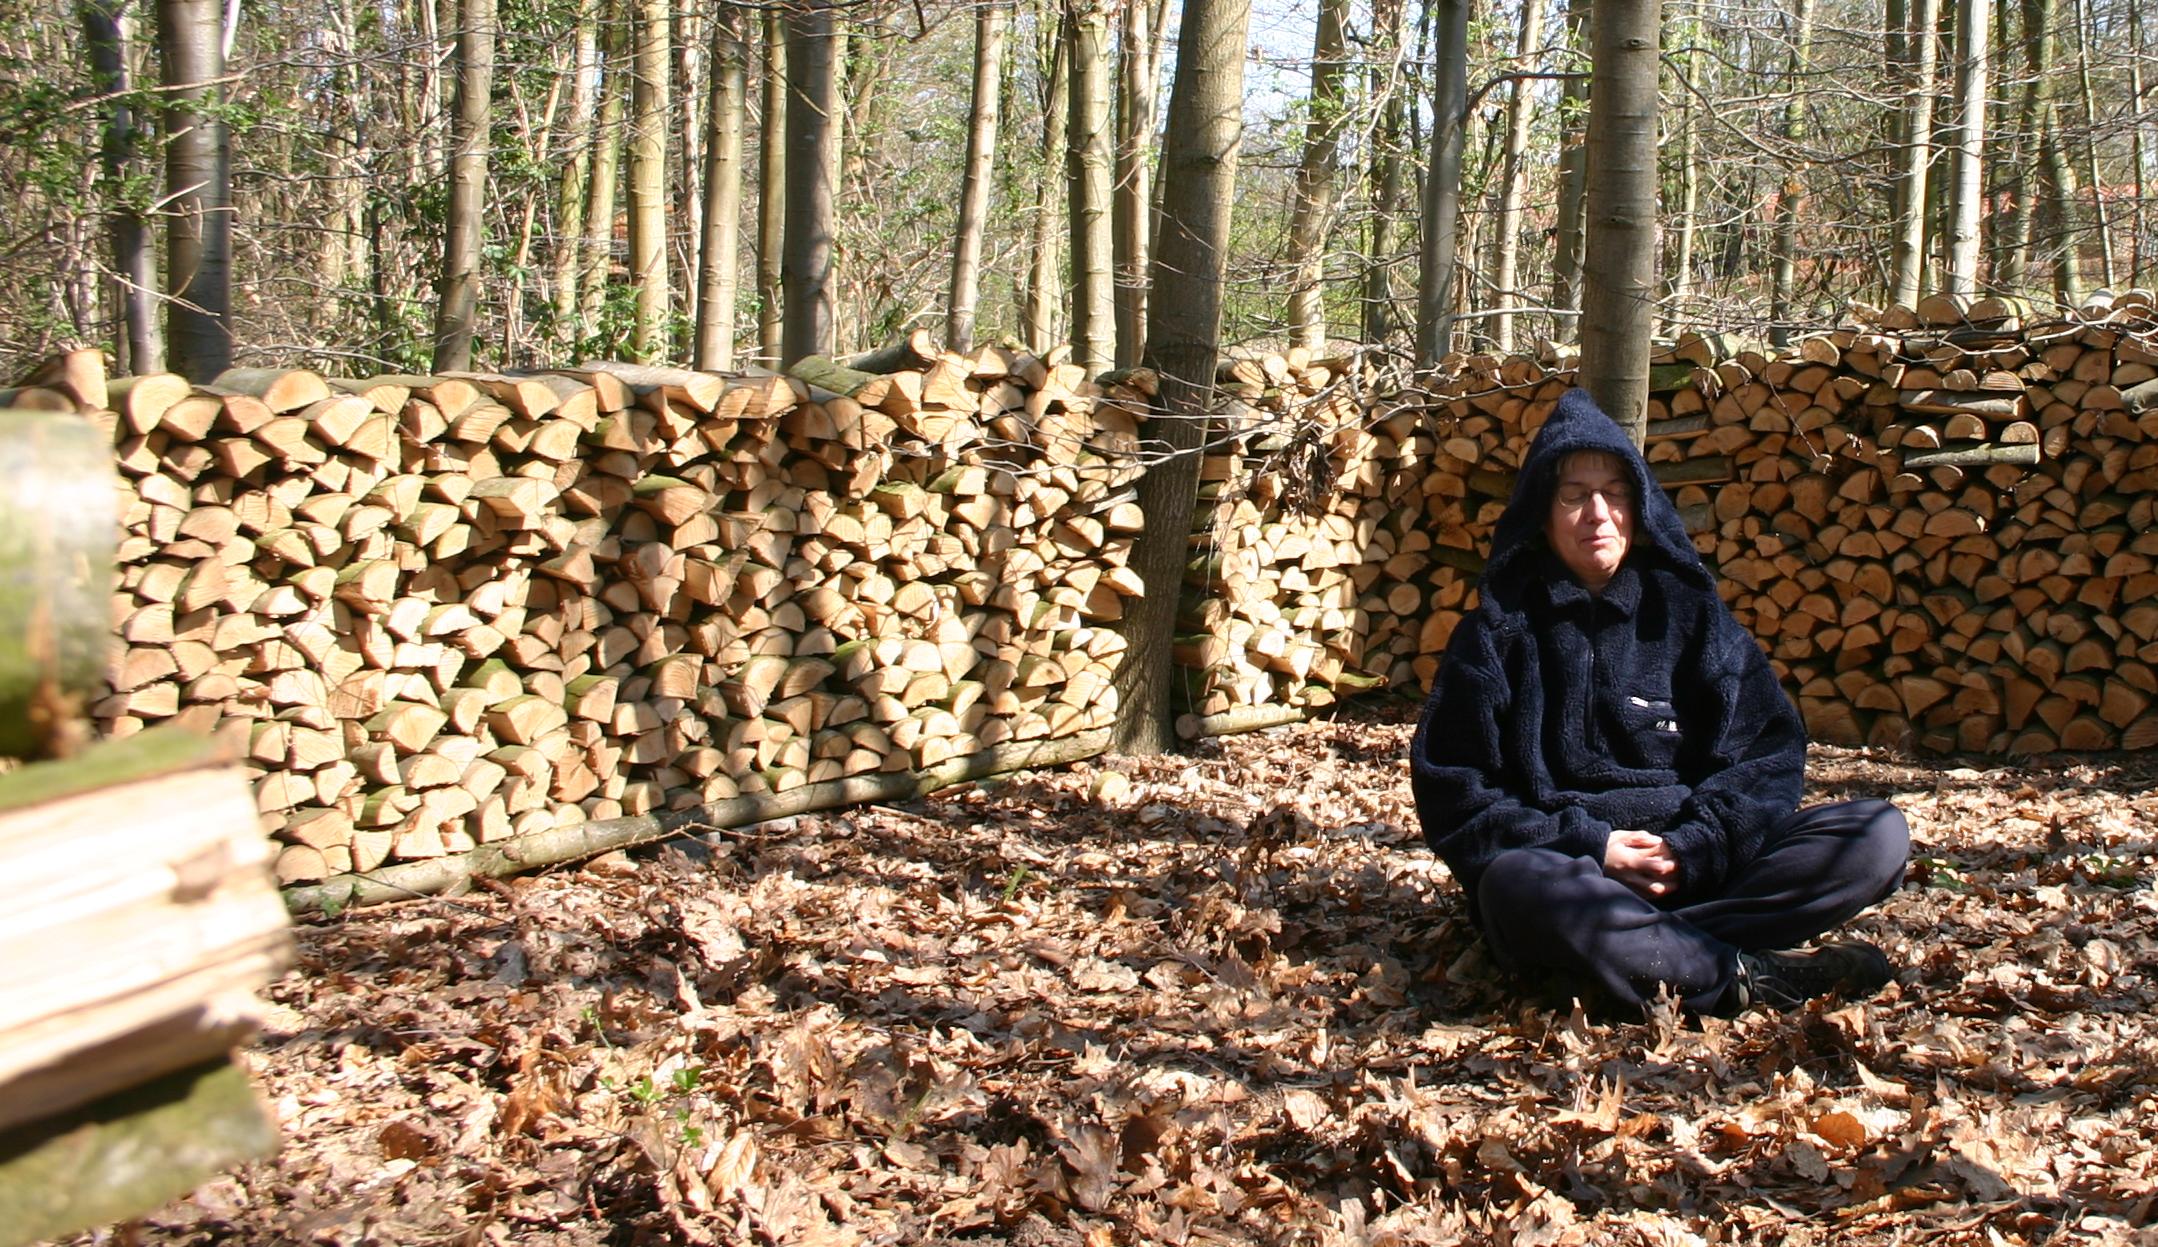 Aan de voet van een boom meditatie